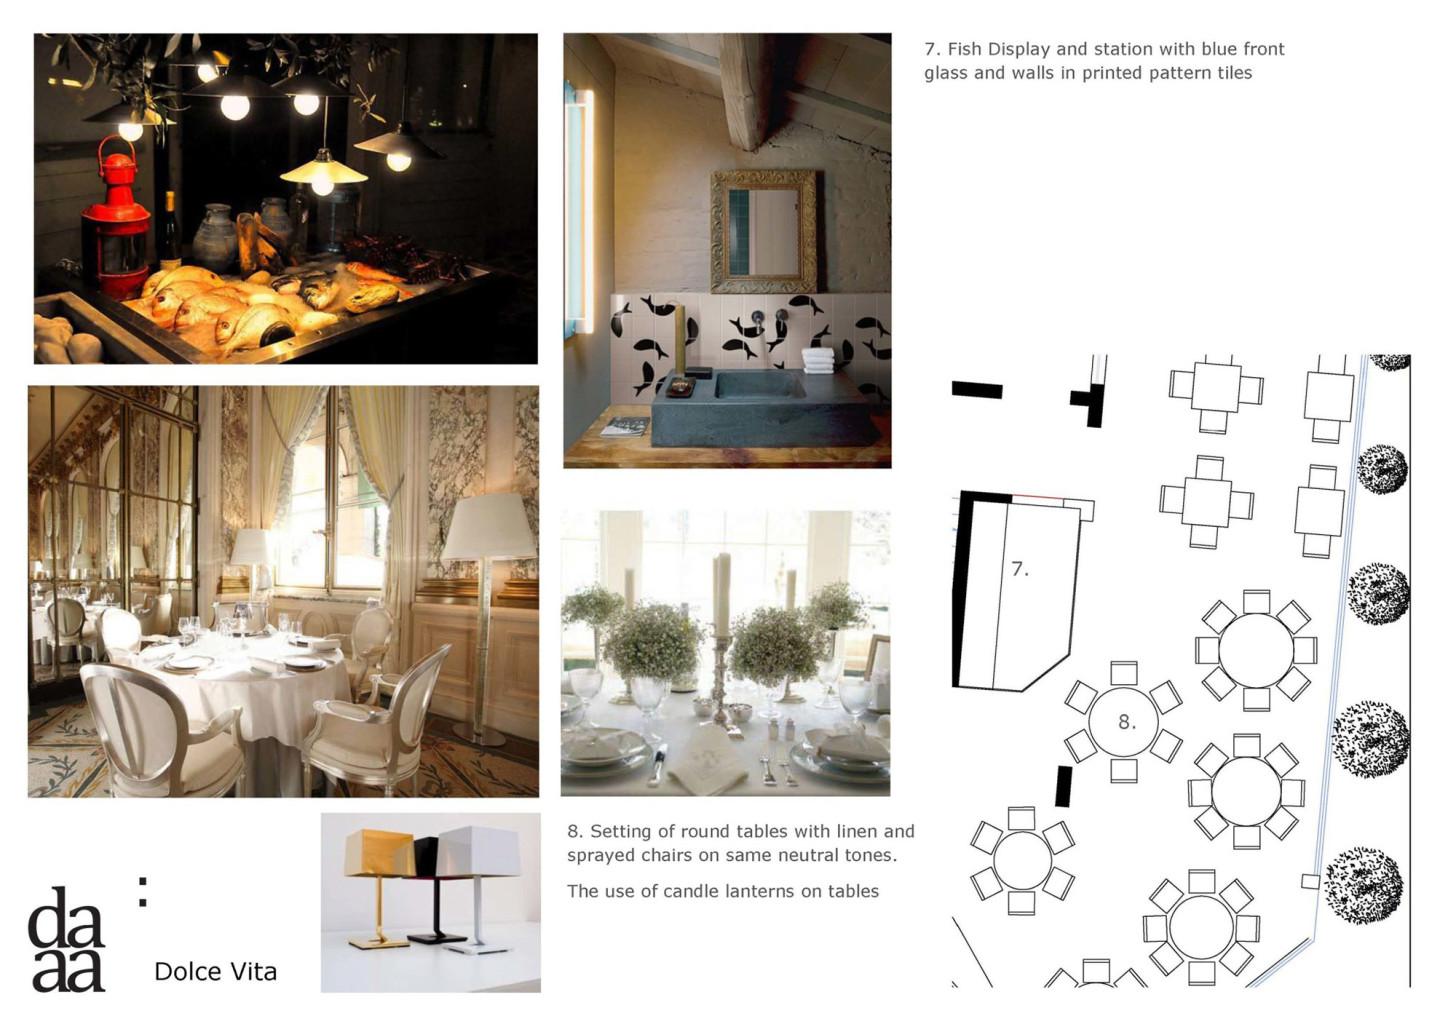 dolce-vita-works_page_3-copia